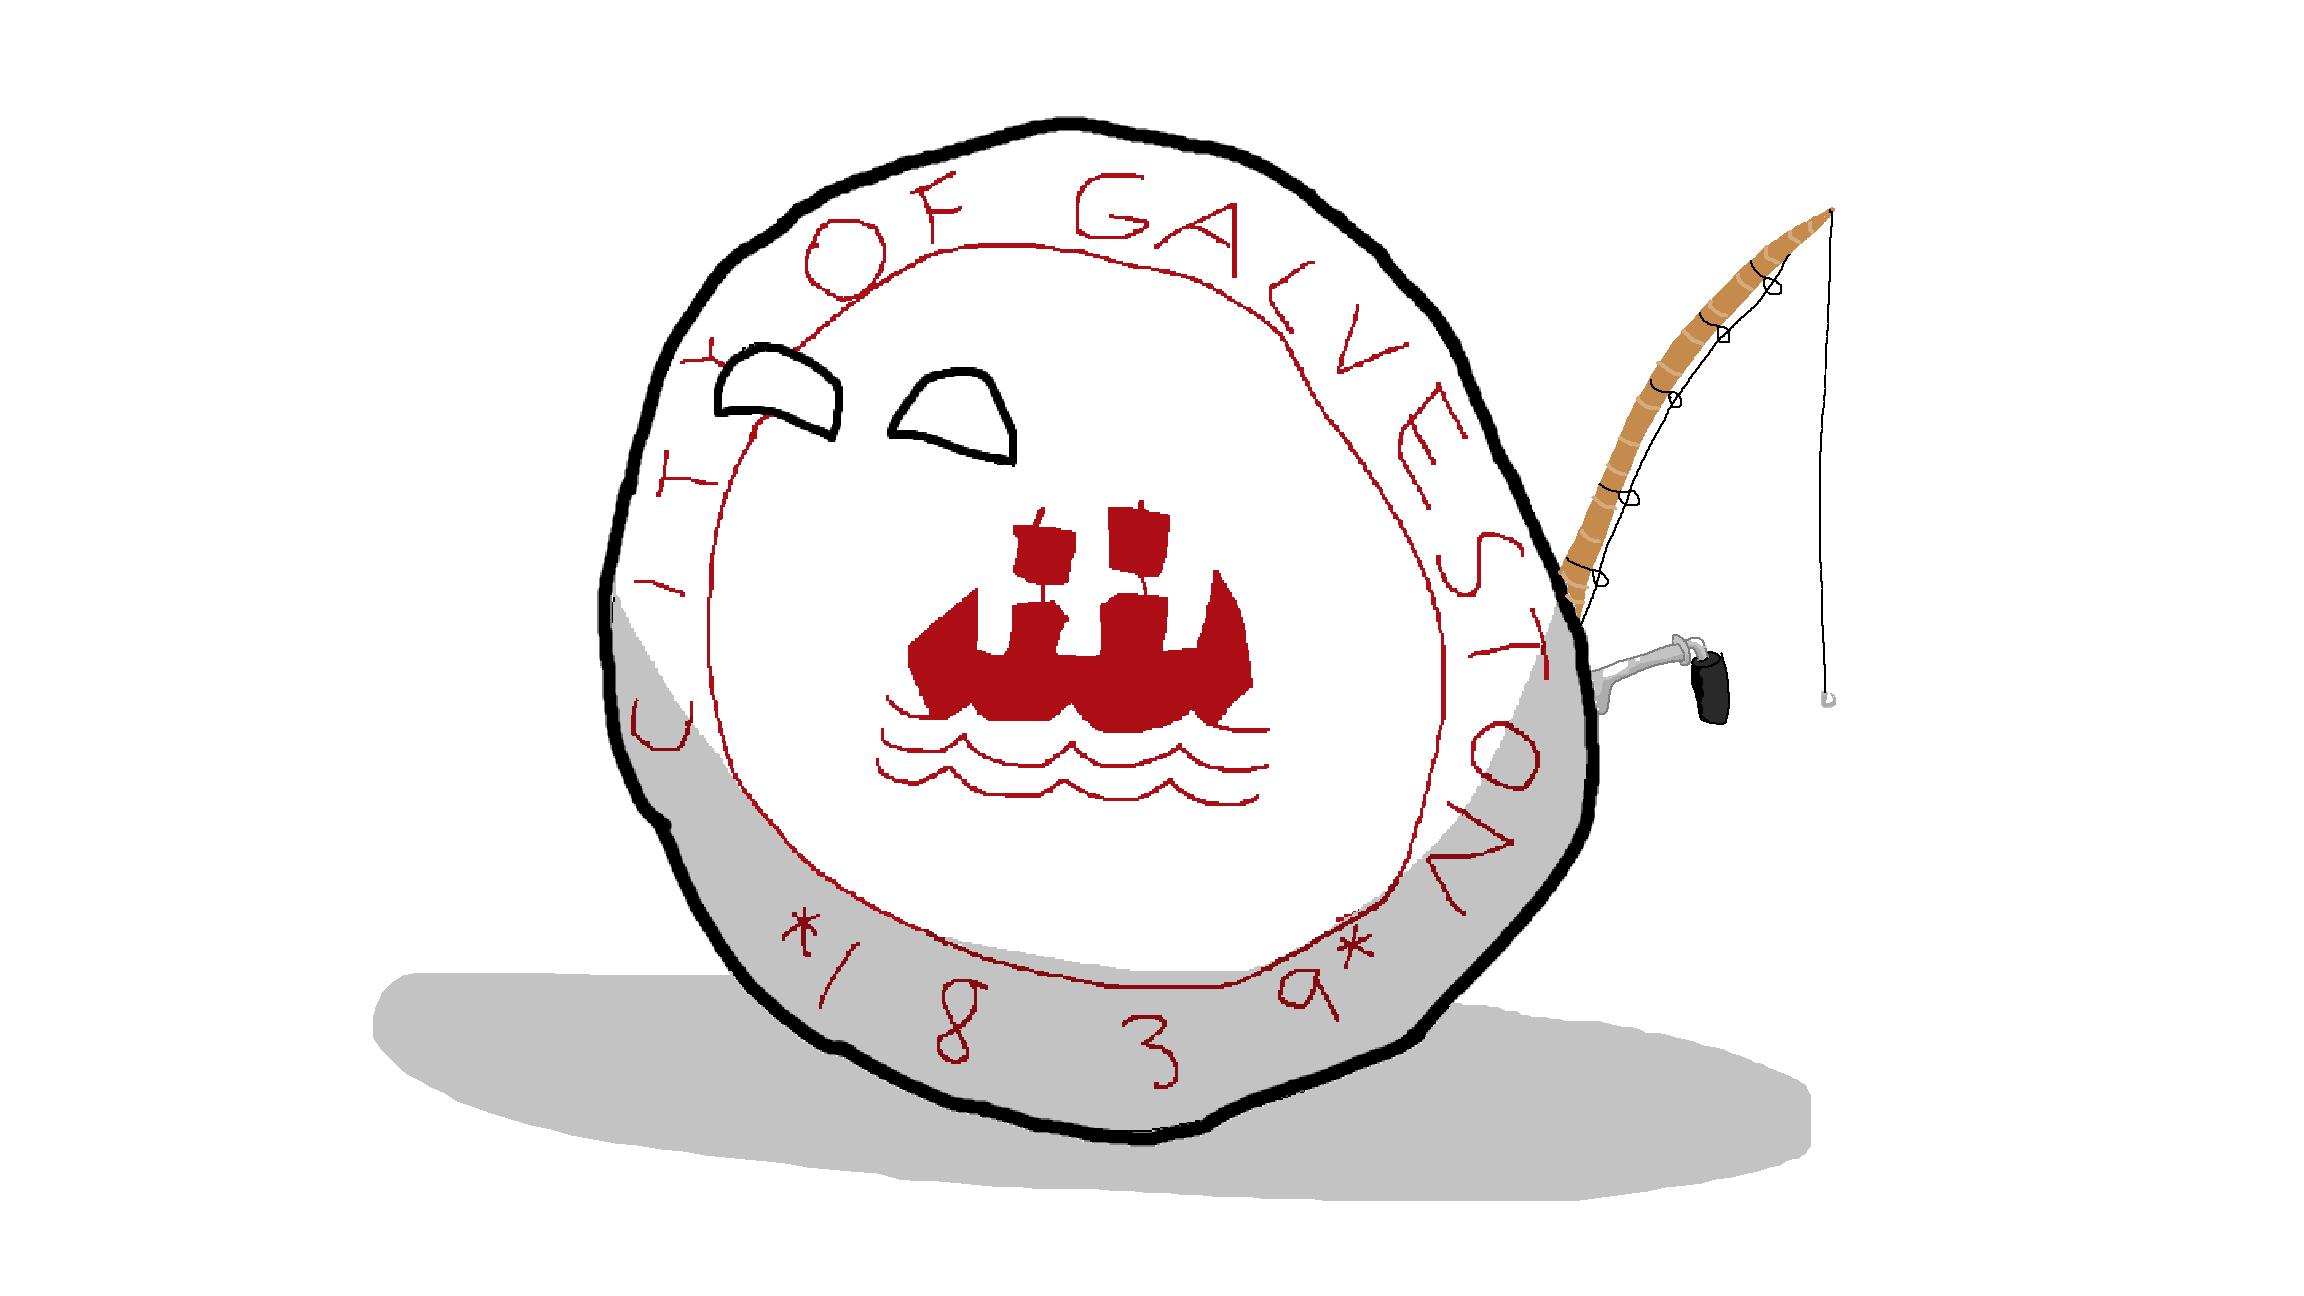 Galvestonball